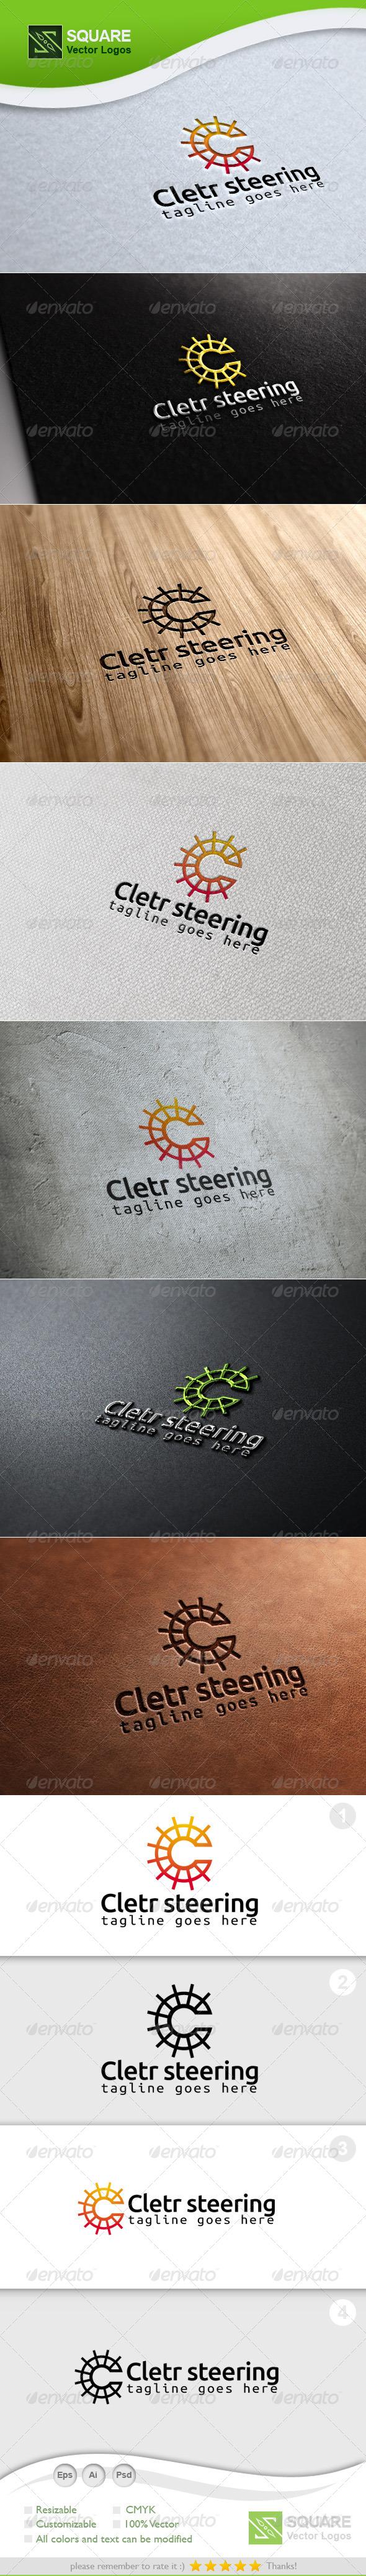 c-steering